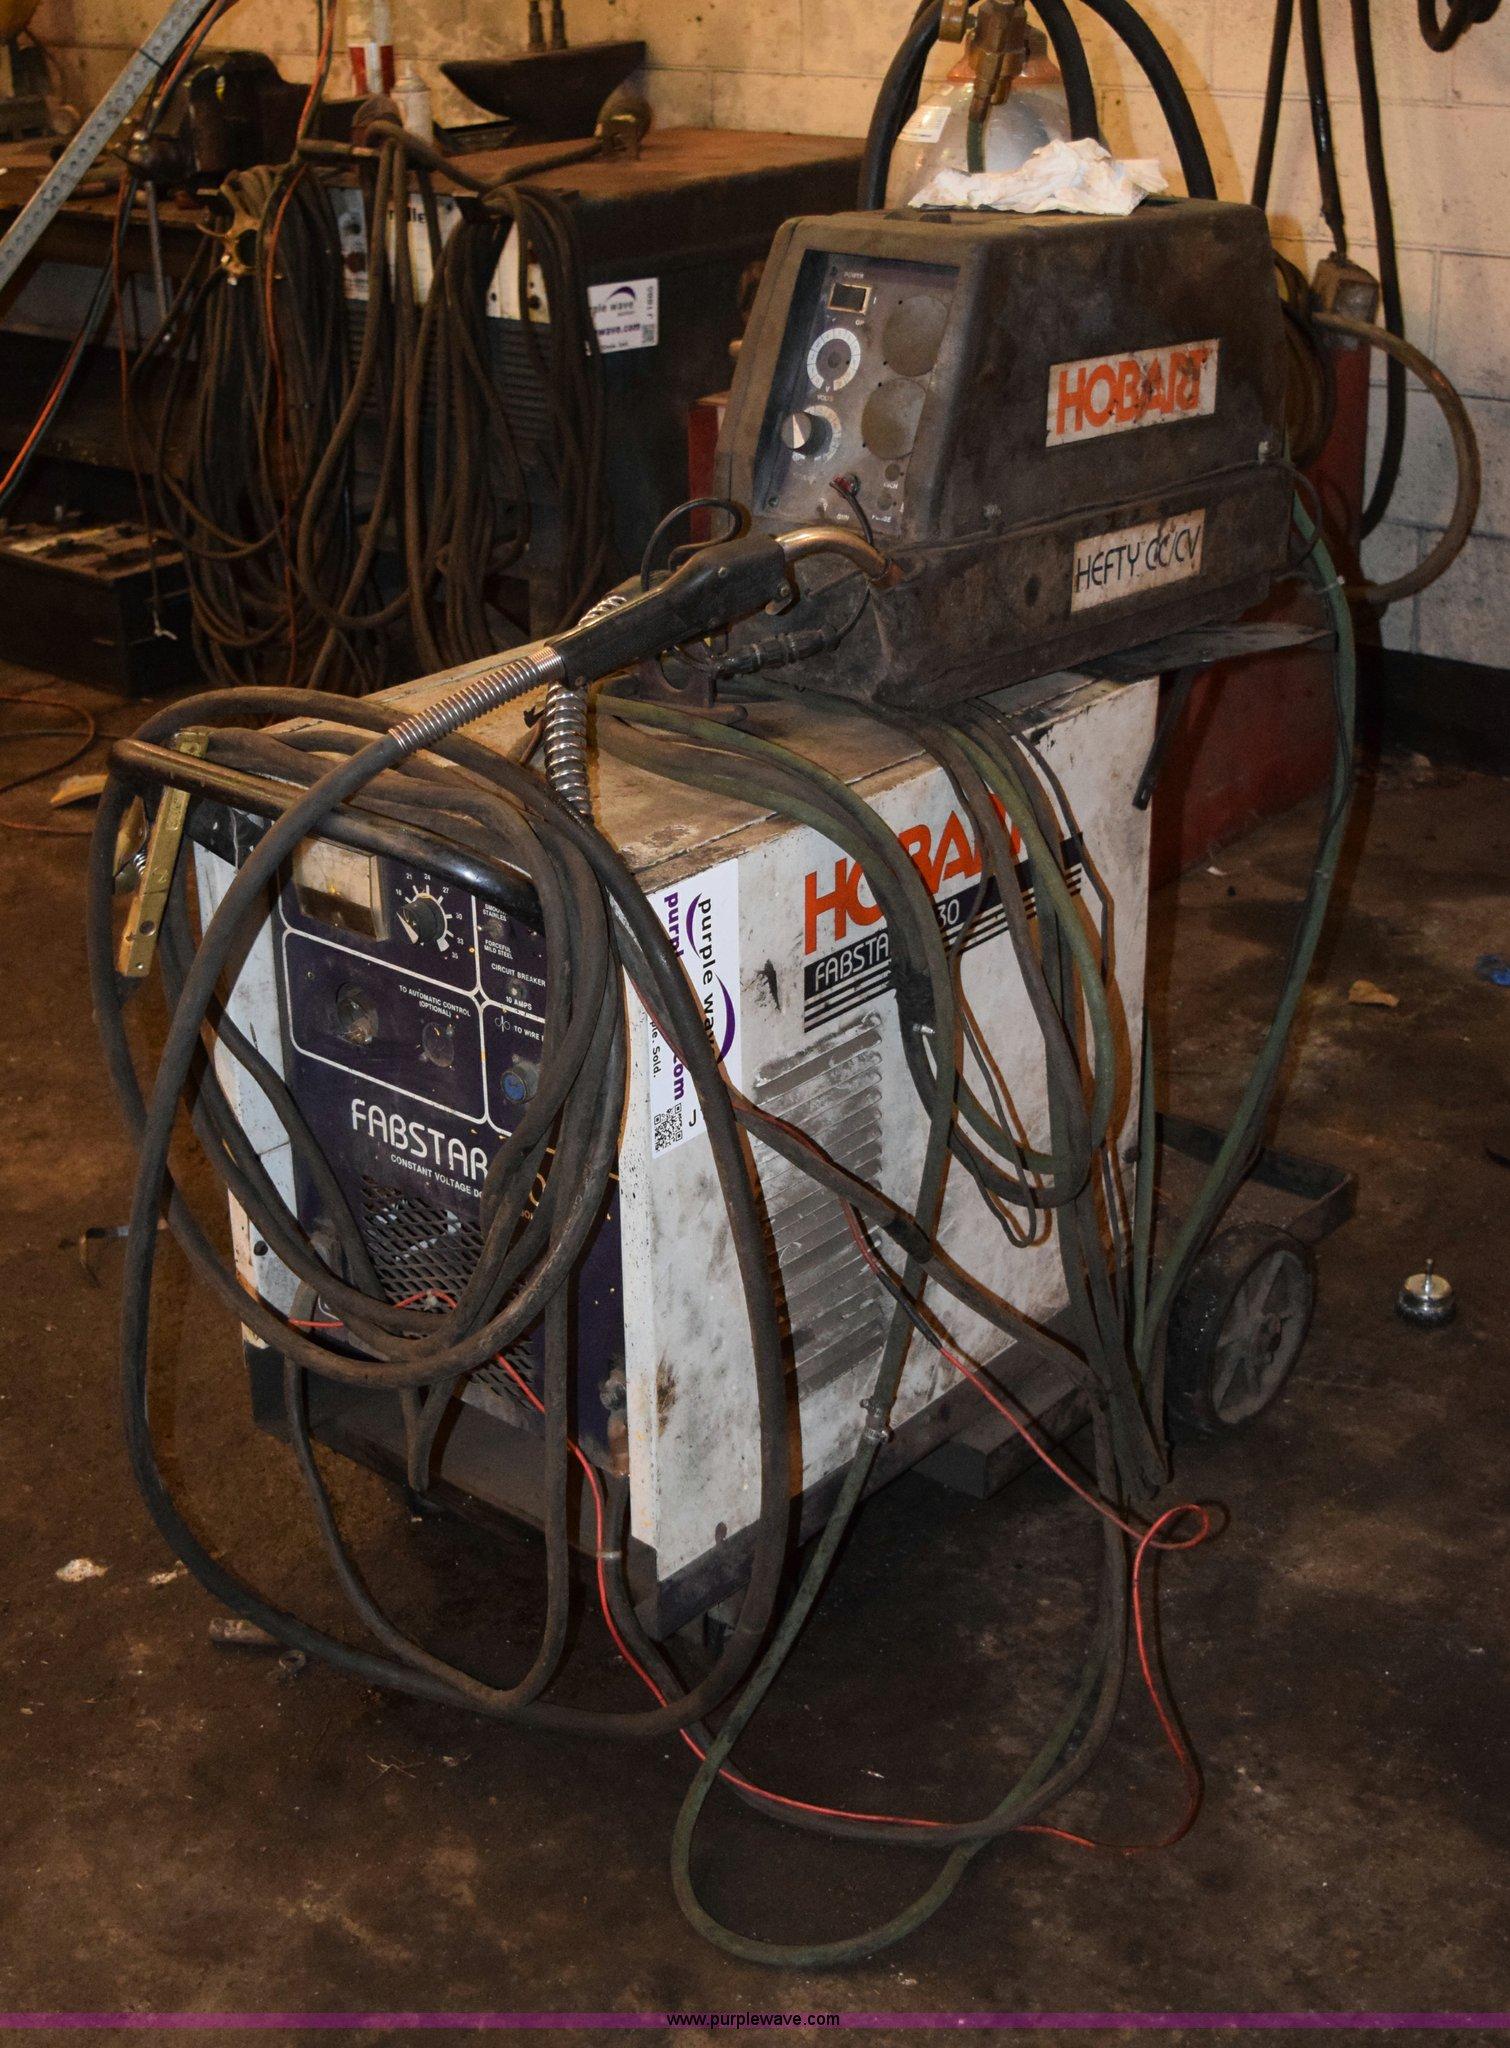 Hobart Fabstar 4030 wire welder | Item J1887 | SOLD! April 1...